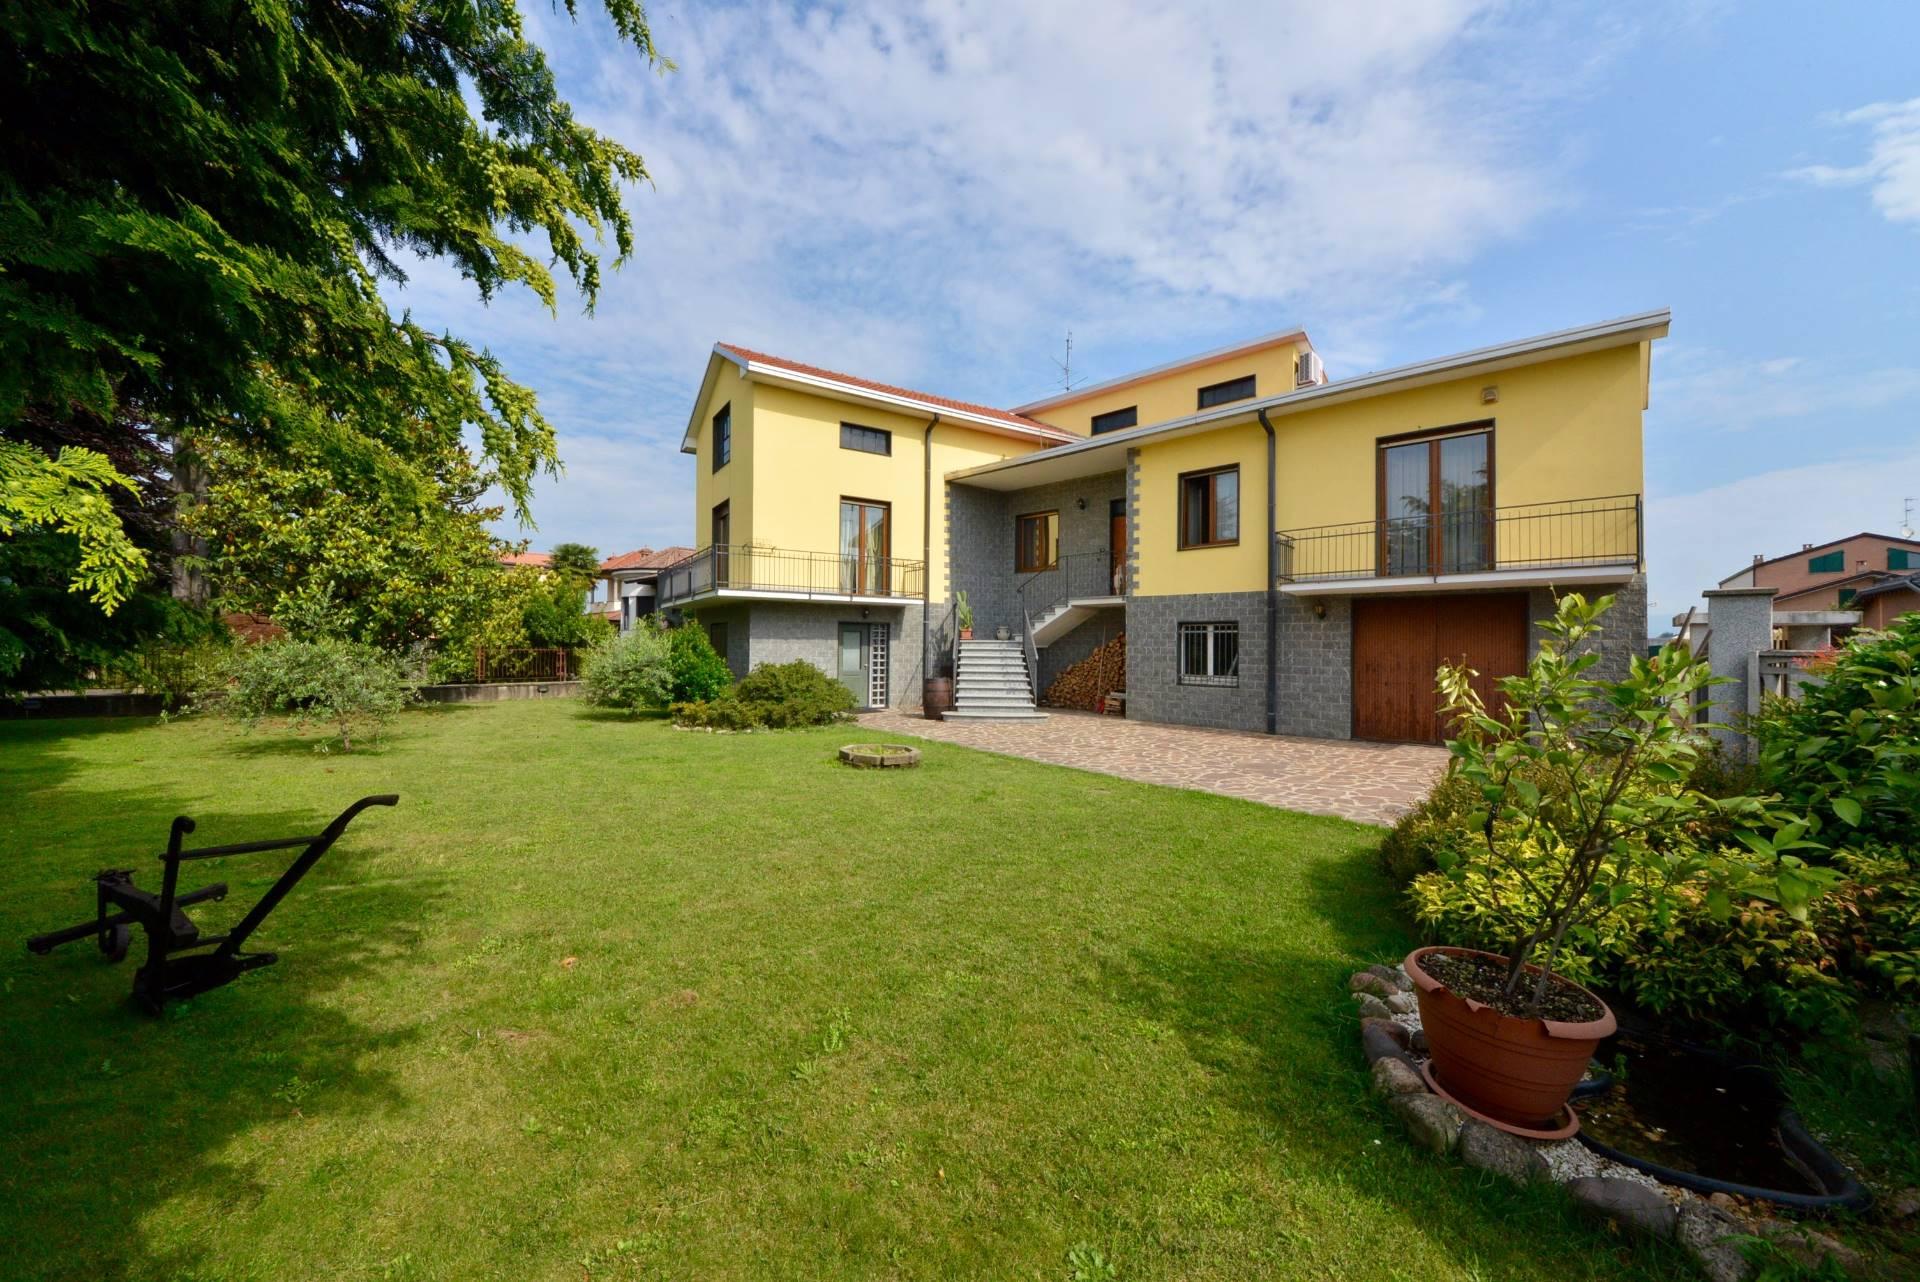 Villa in vendita a Ceriano Laghetto, 6 locali, prezzo € 560.000 | Cambio Casa.it